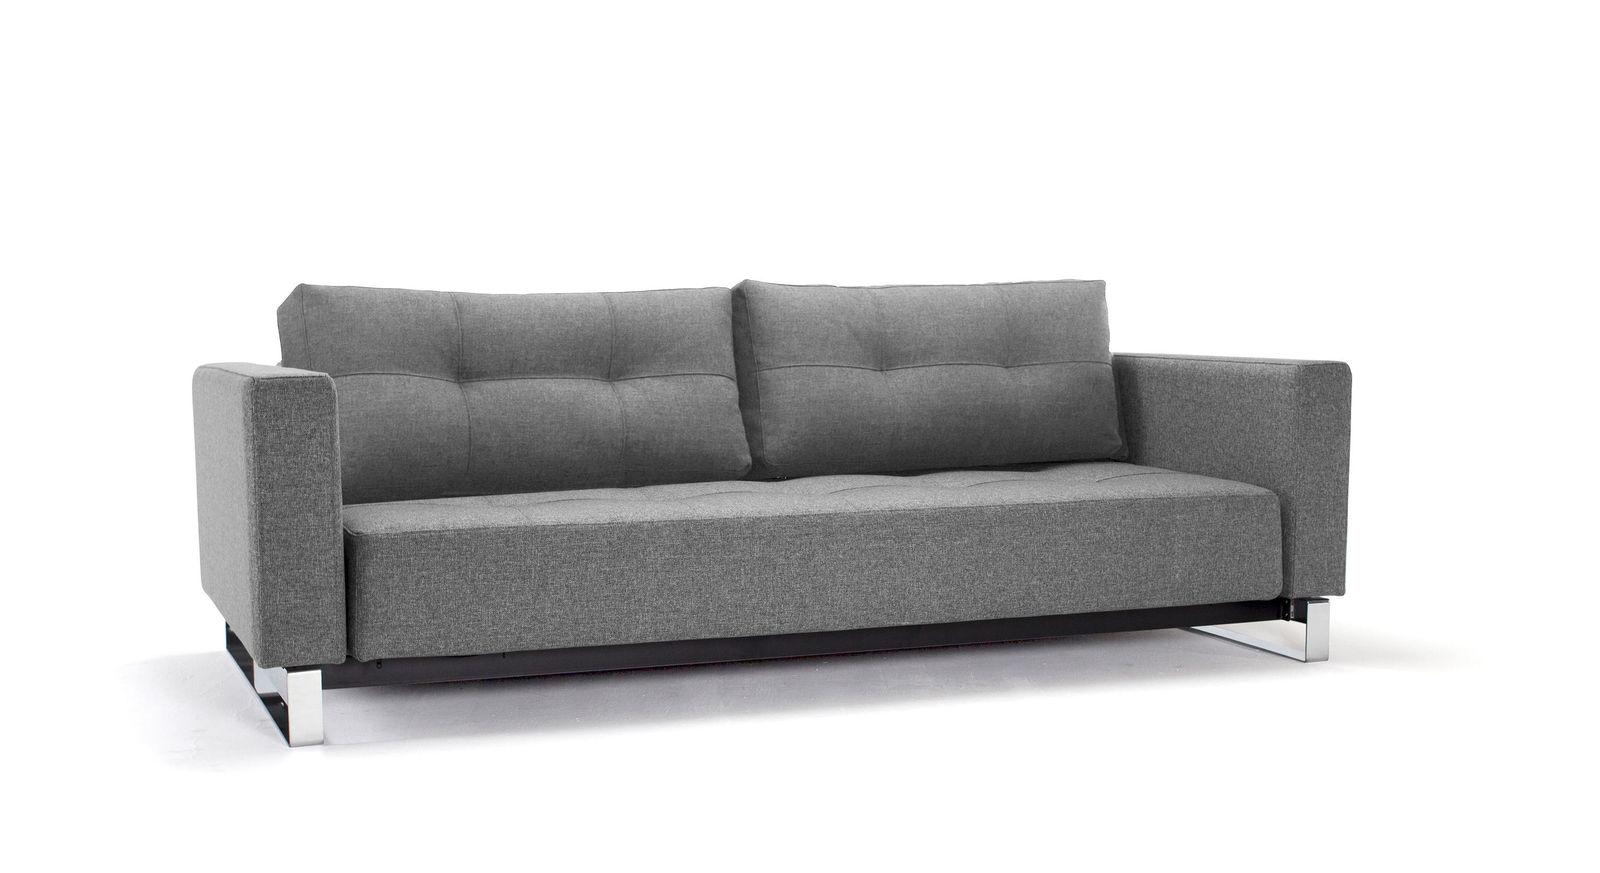 Full Size of Federkern Sofa Vorteile Reparieren Kosten Knarrt Selbst Was Ist Das Ikea Gut Oder Schlecht Reparatur Quietscht Mit Schlaffunktion Schlafsofas Im Vergleich Und Sofa Federkern Sofa